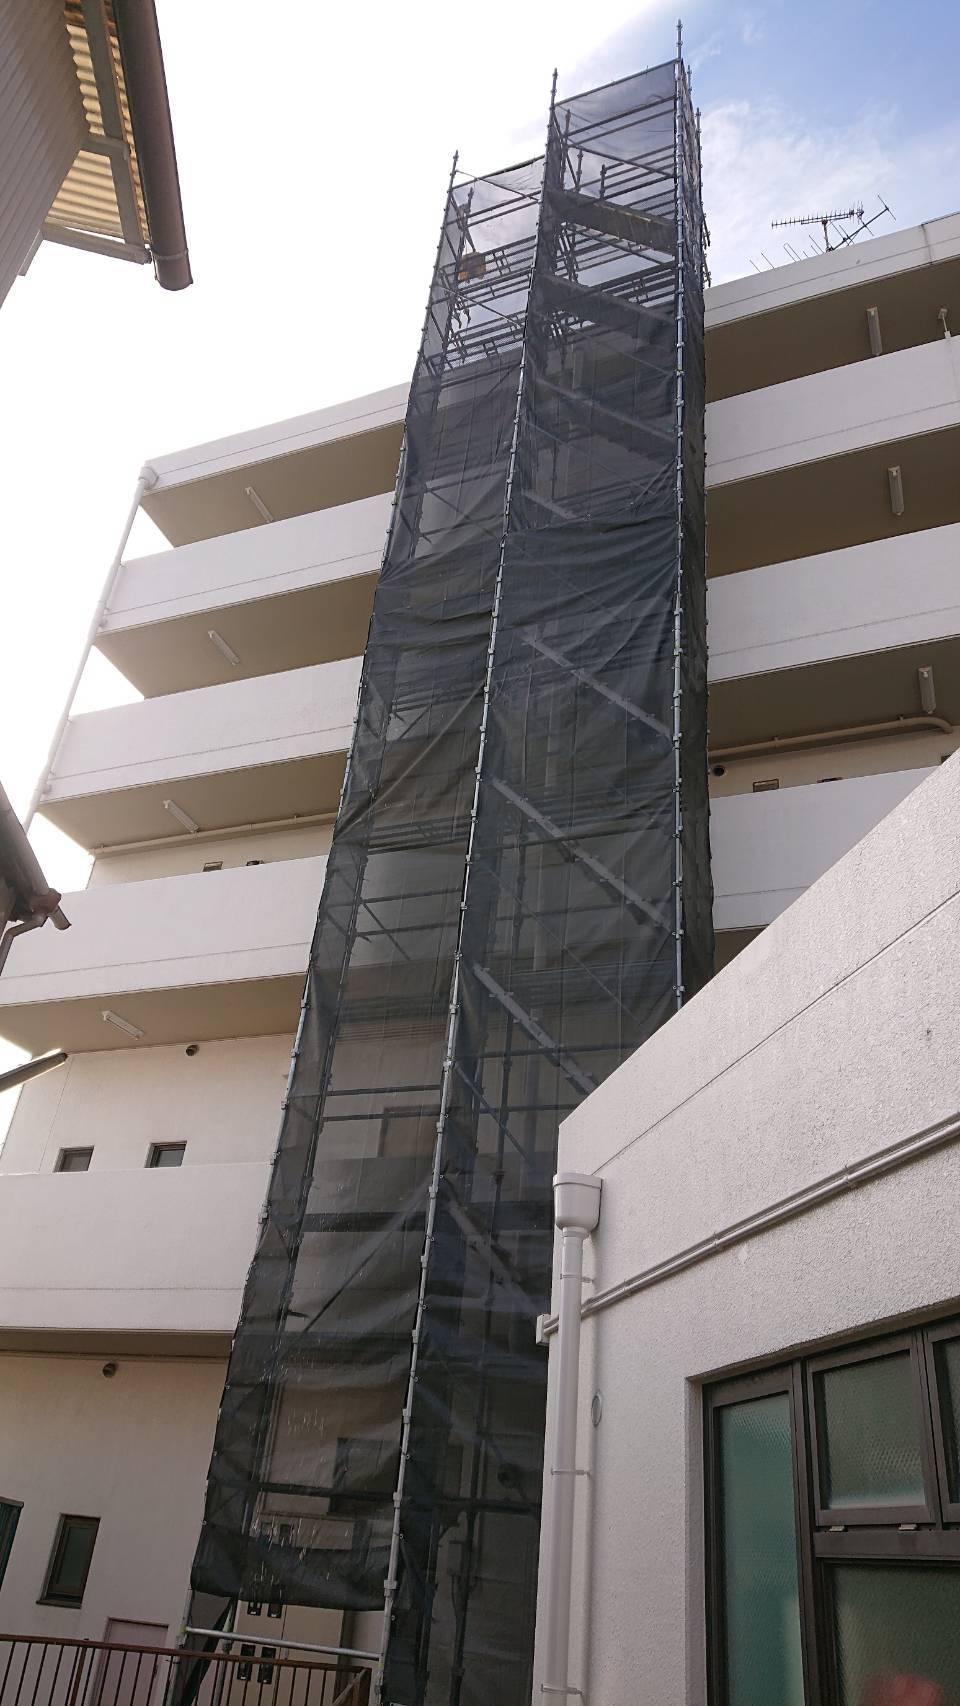 野崎工業 12月 横須賀市久里浜  配管工事用足場工事